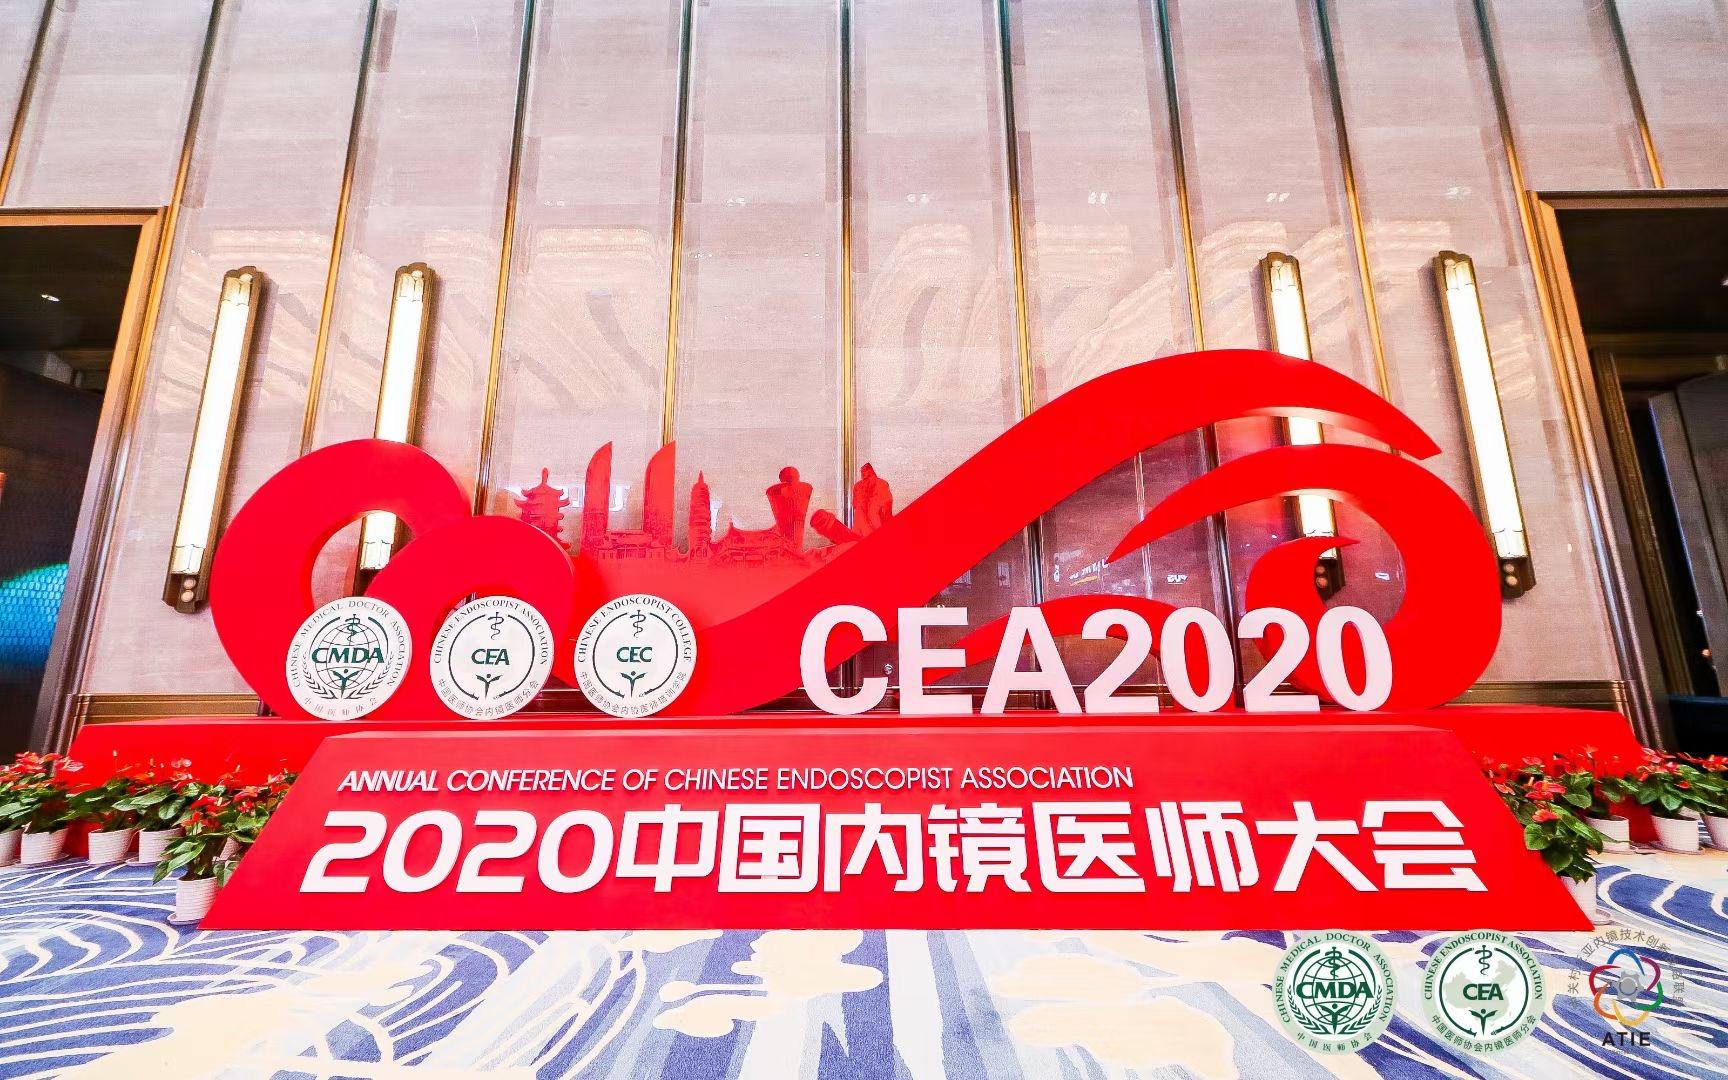 2020年中国内镜医师大会11月6日至8日在厦门国际会议中心举行